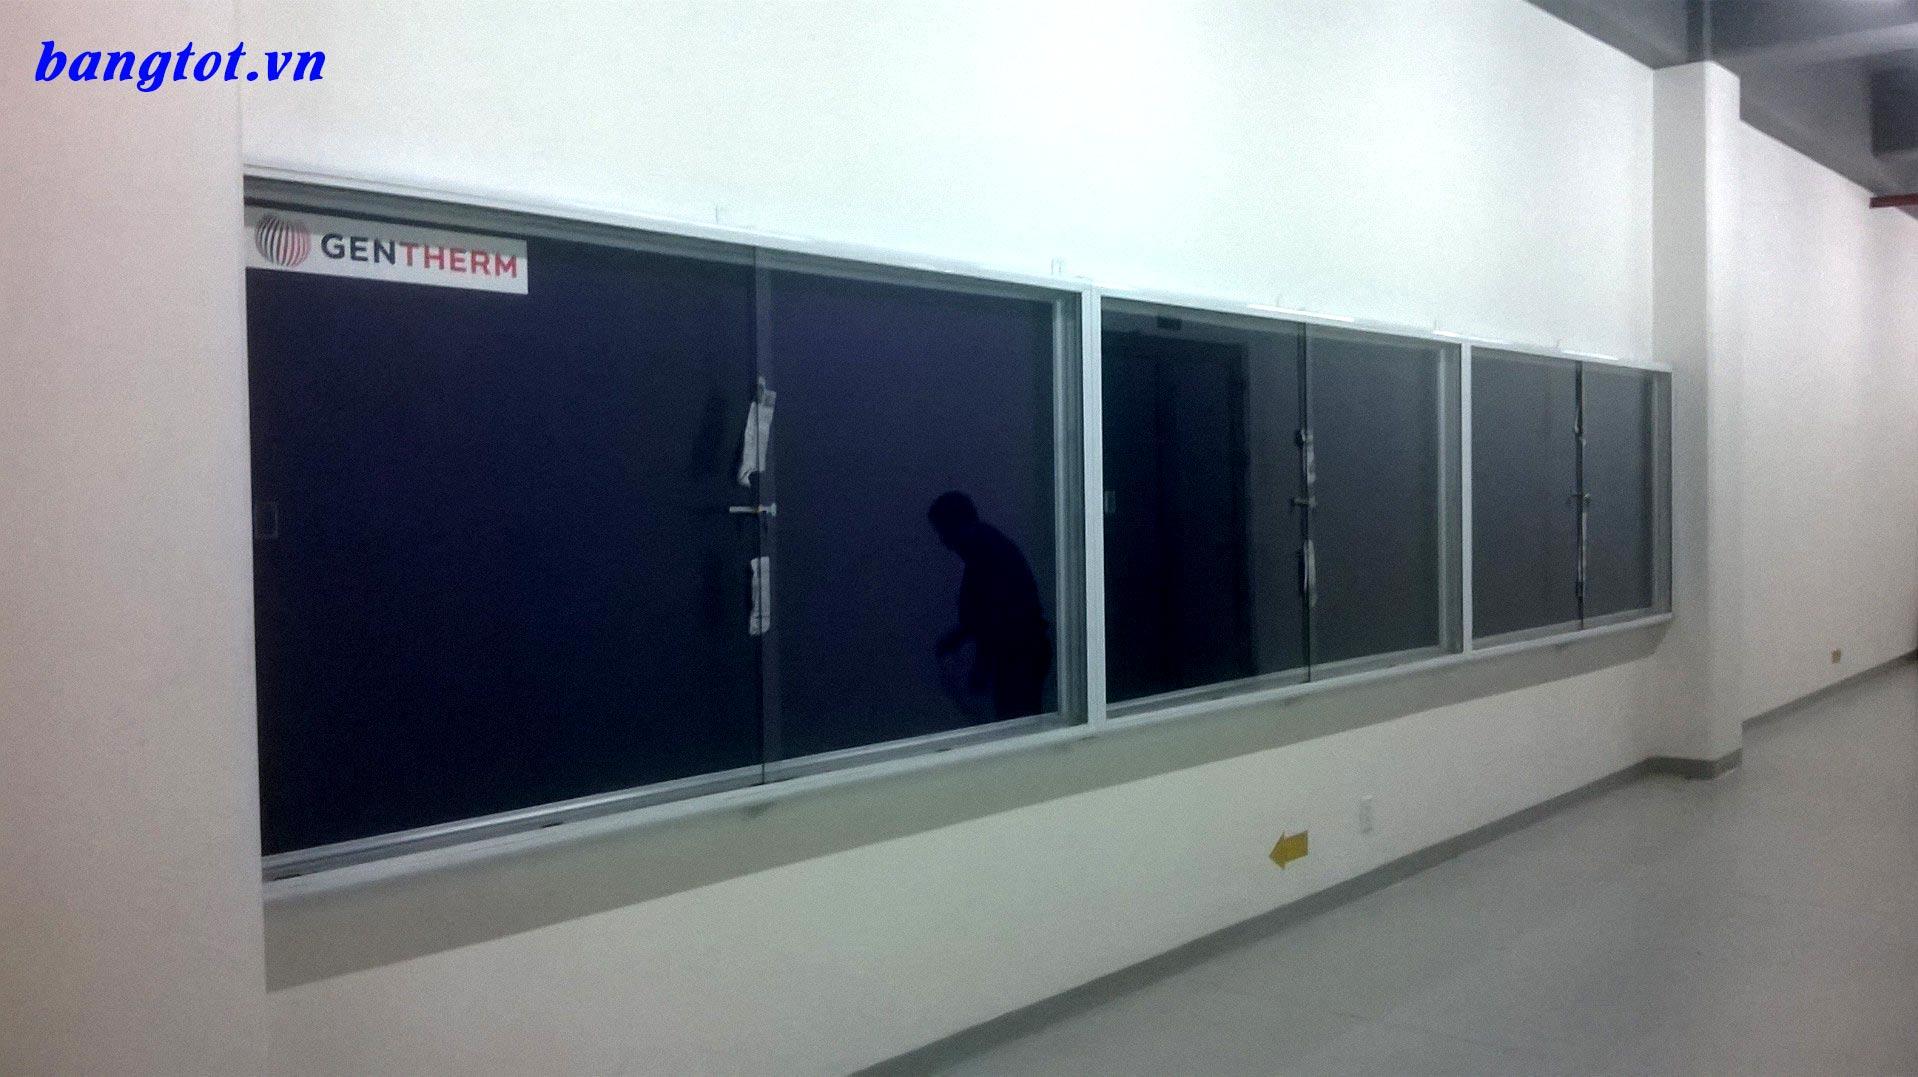 bảng tin cheo tường kính lùa